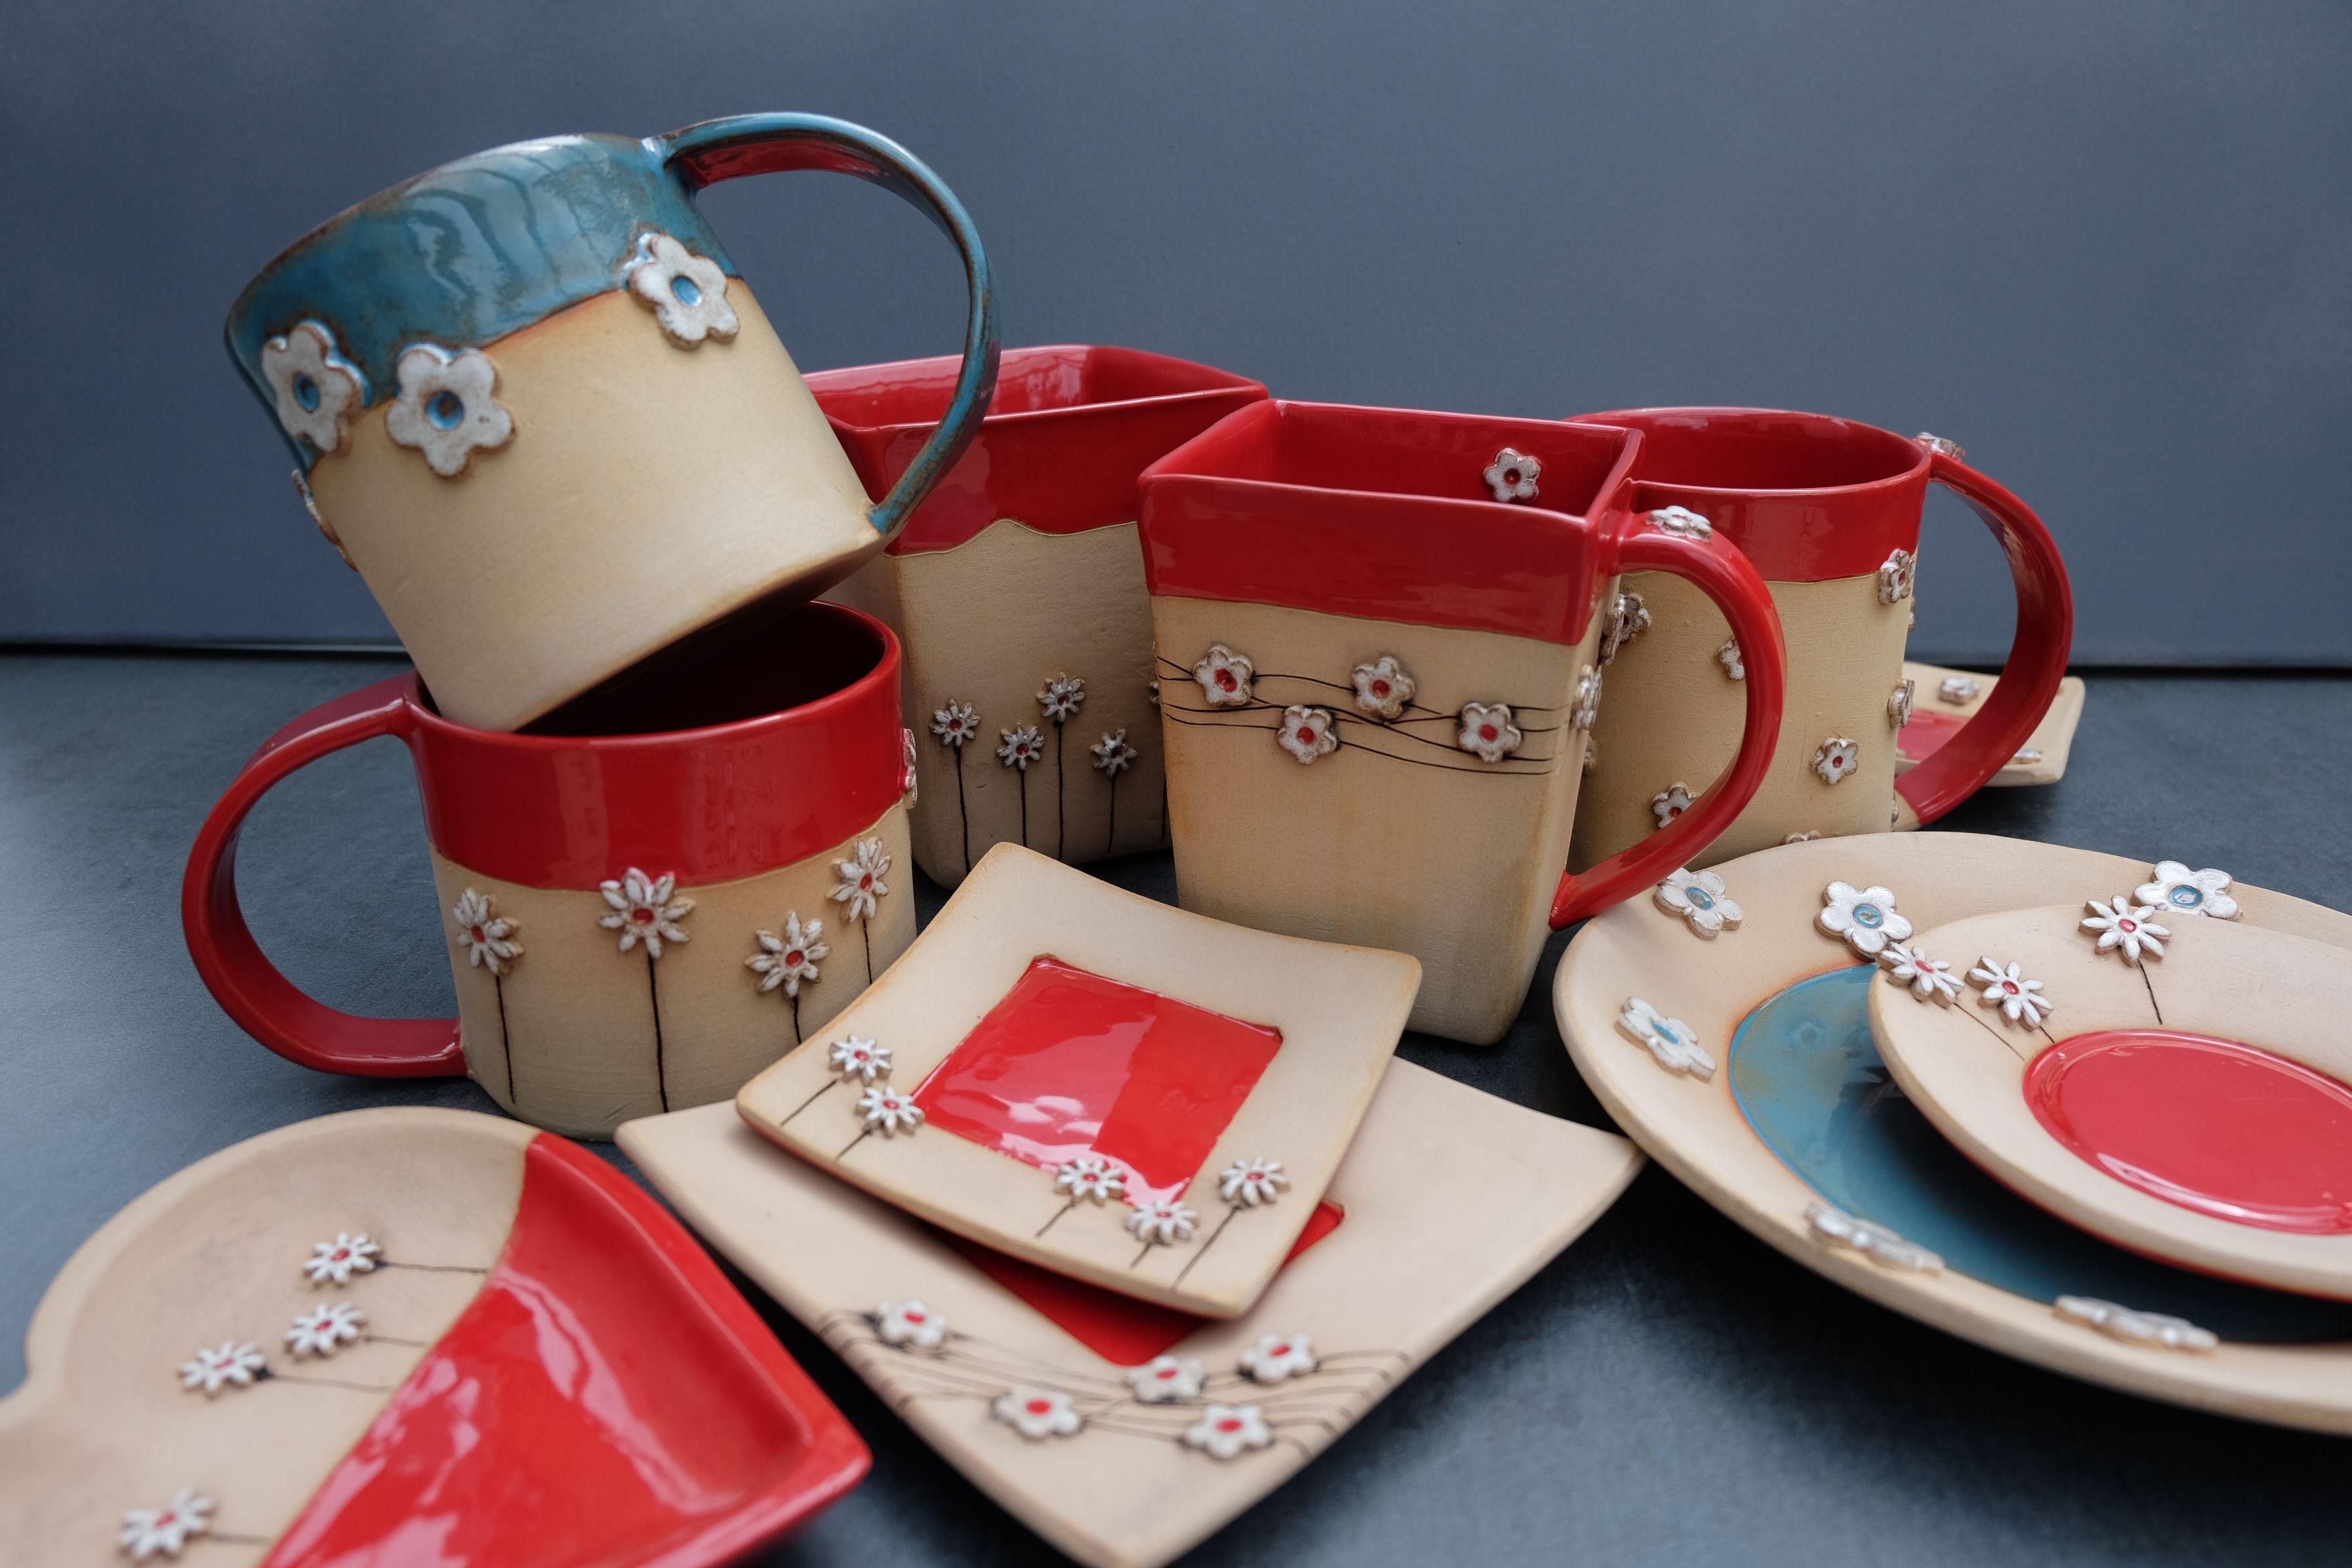 Tassen Keramik Geschirr Handgefertigt Jedes Teil Ein Unikat Individuelle Geschenkidee Keramik Keramik Geschirr Tassen